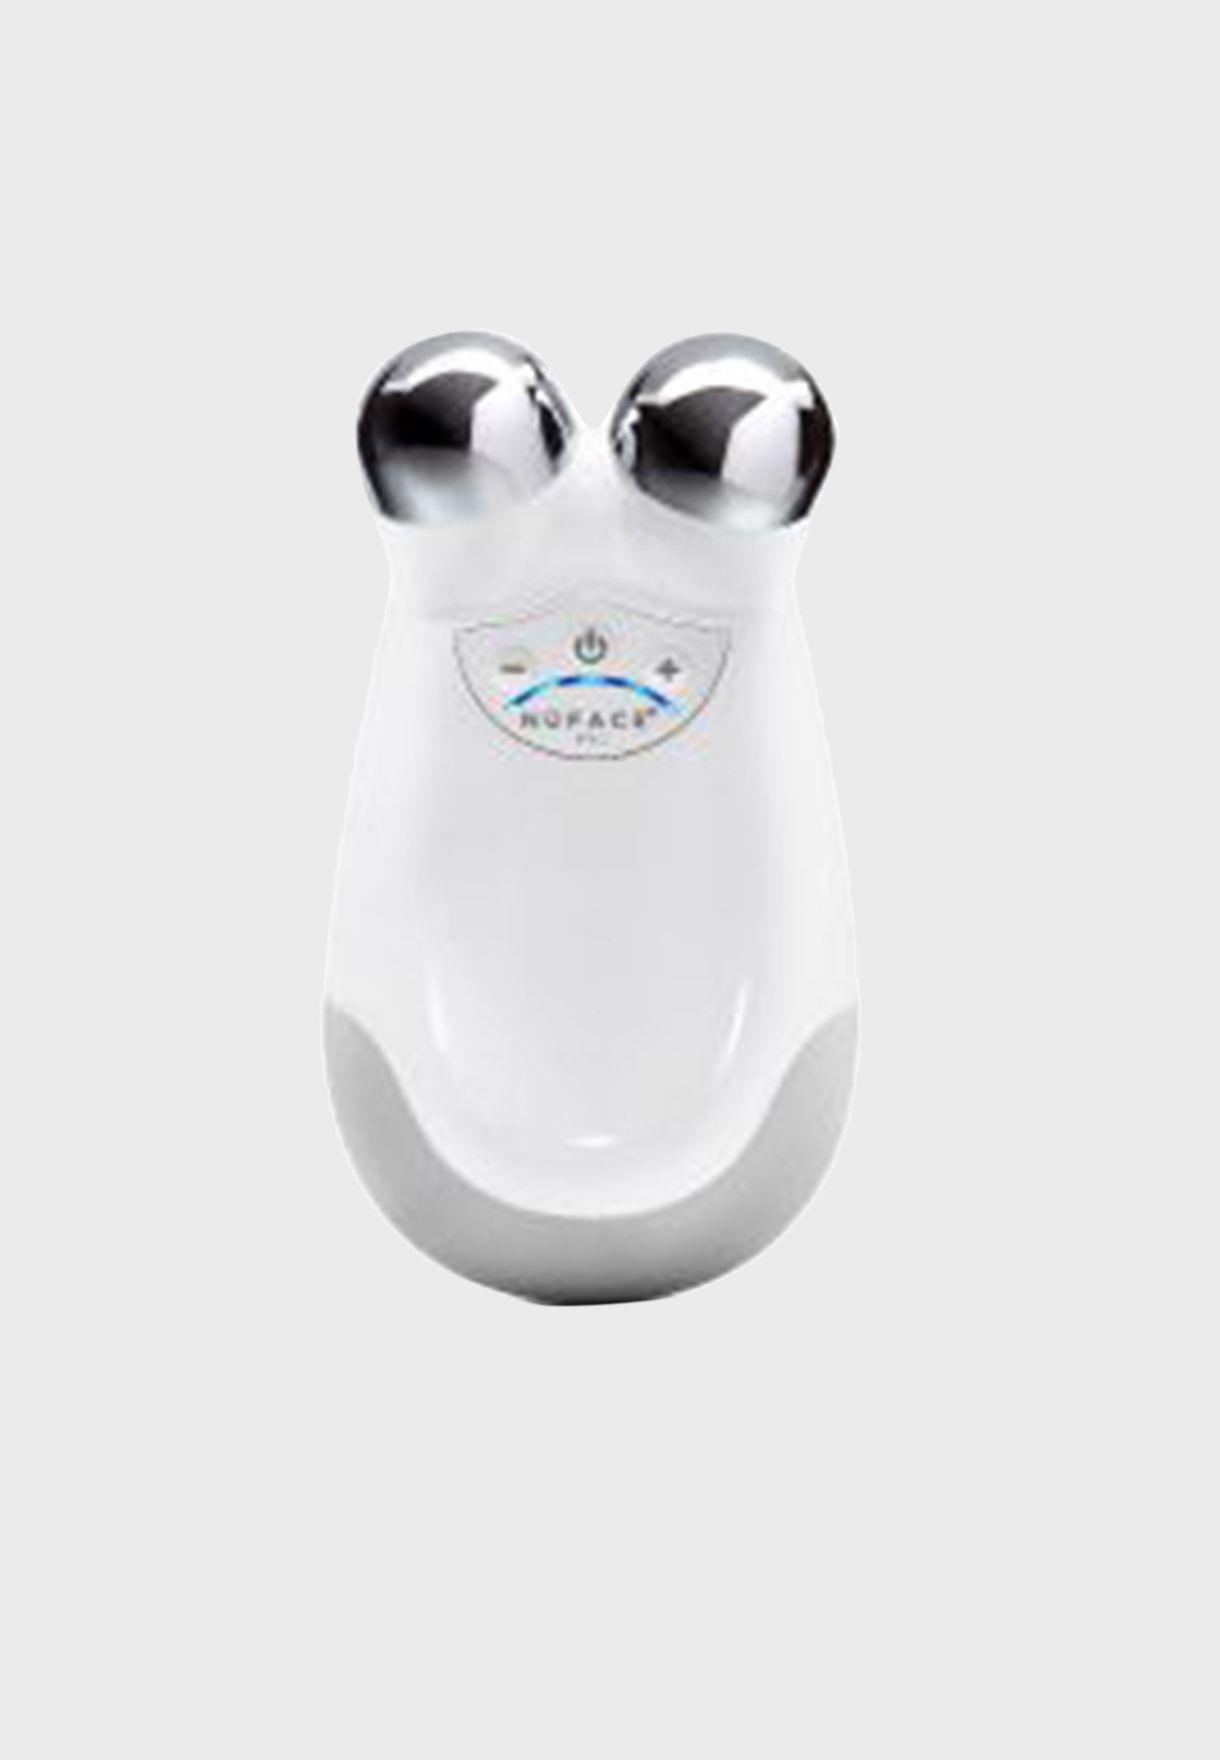 مجموعة ترينيتي الوجه كومبليت تونينج